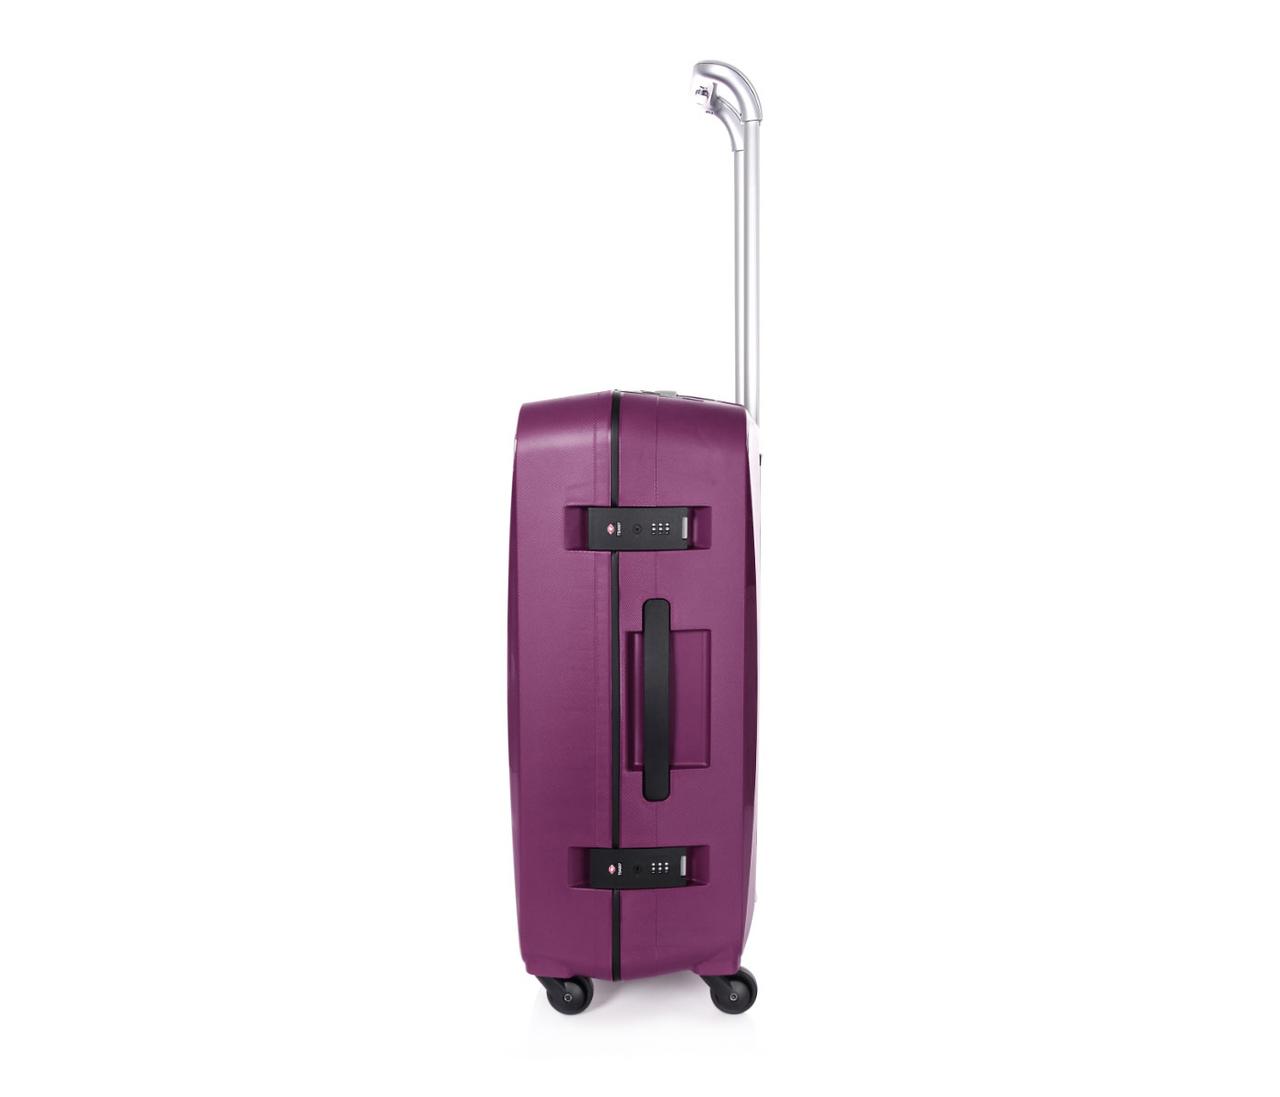 Octa Purple